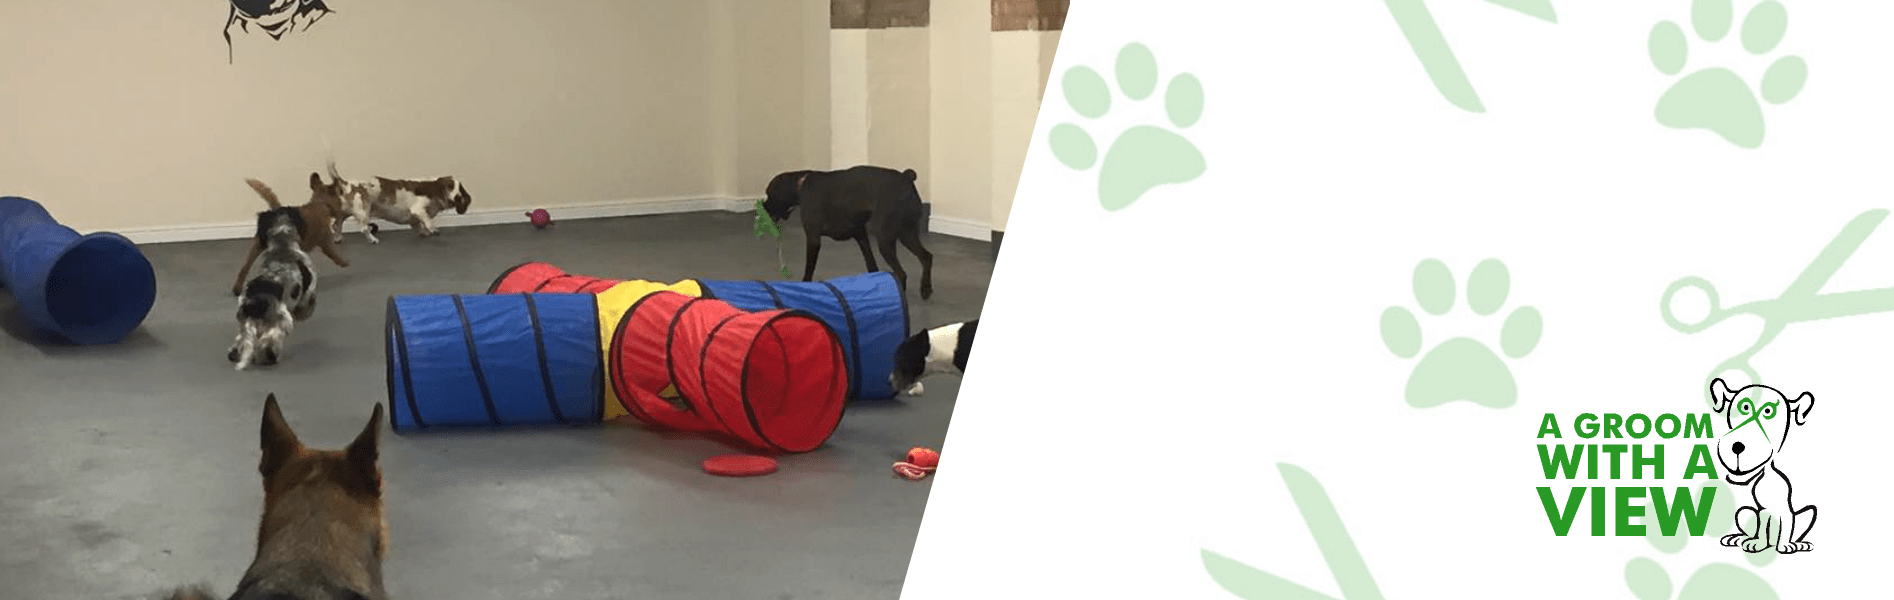 dog-day-care-linclon